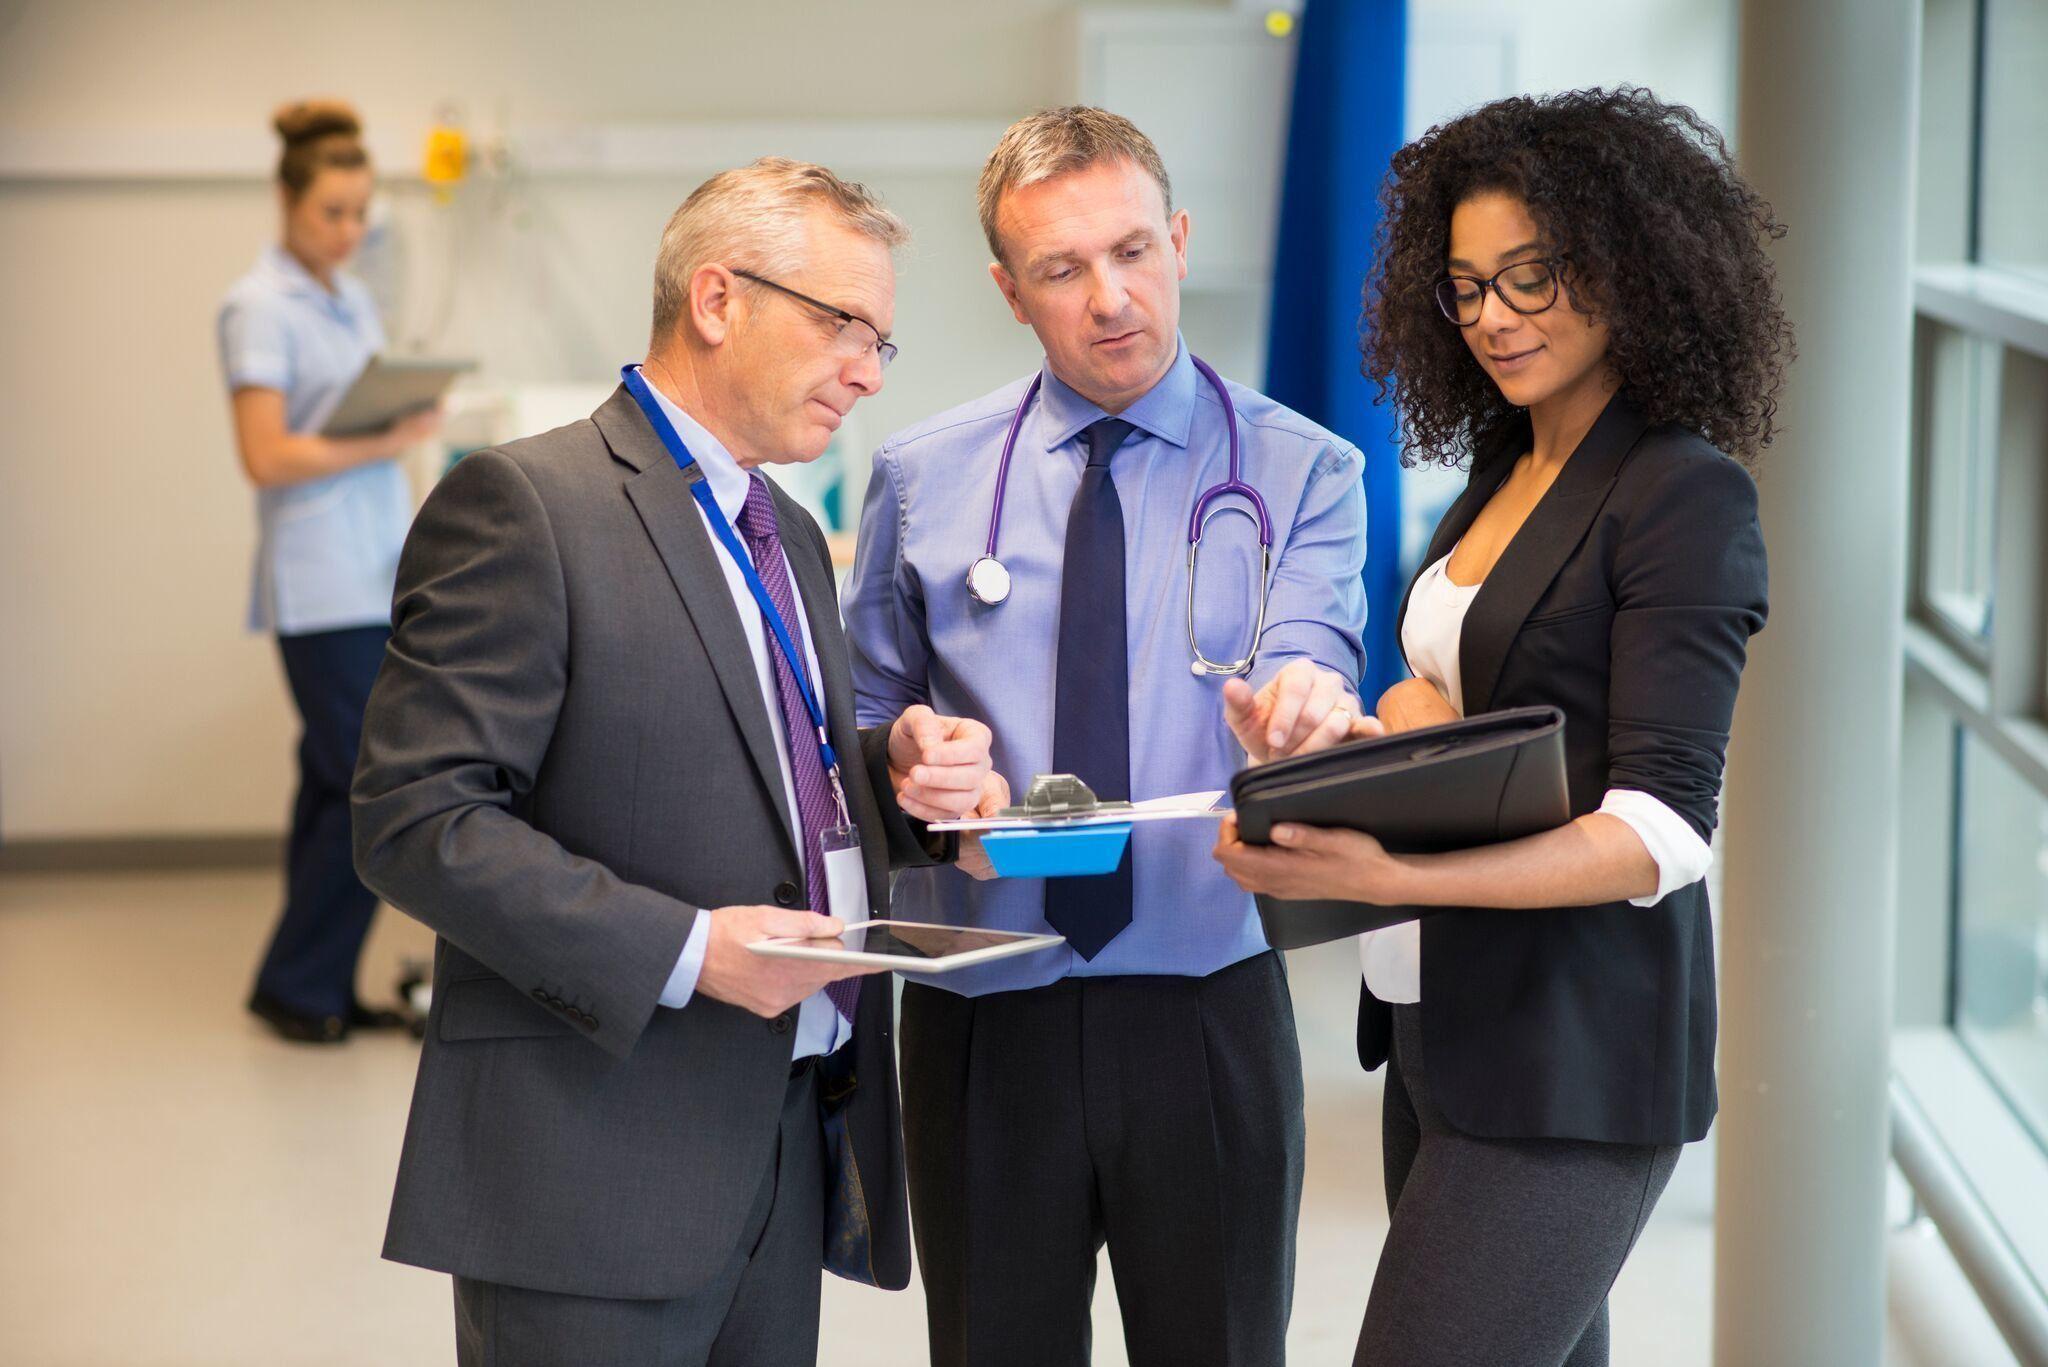 Bewerbung Im Gesundheitsmanagement Tipps Und Hinweise